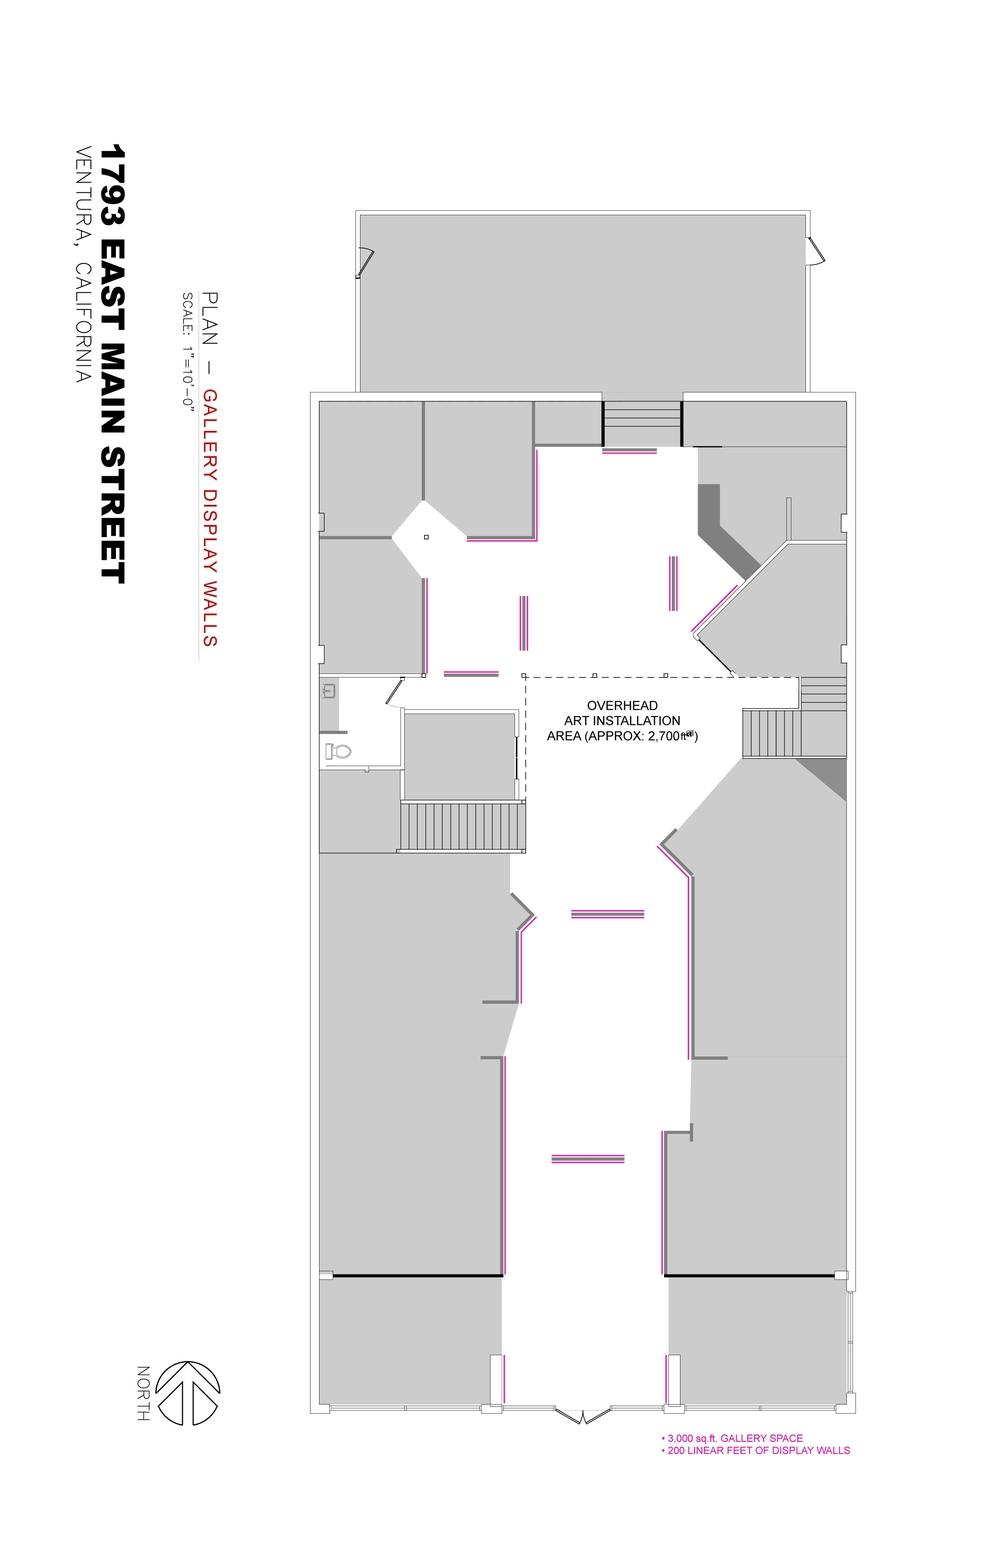 gallery floor plan-04.jpg